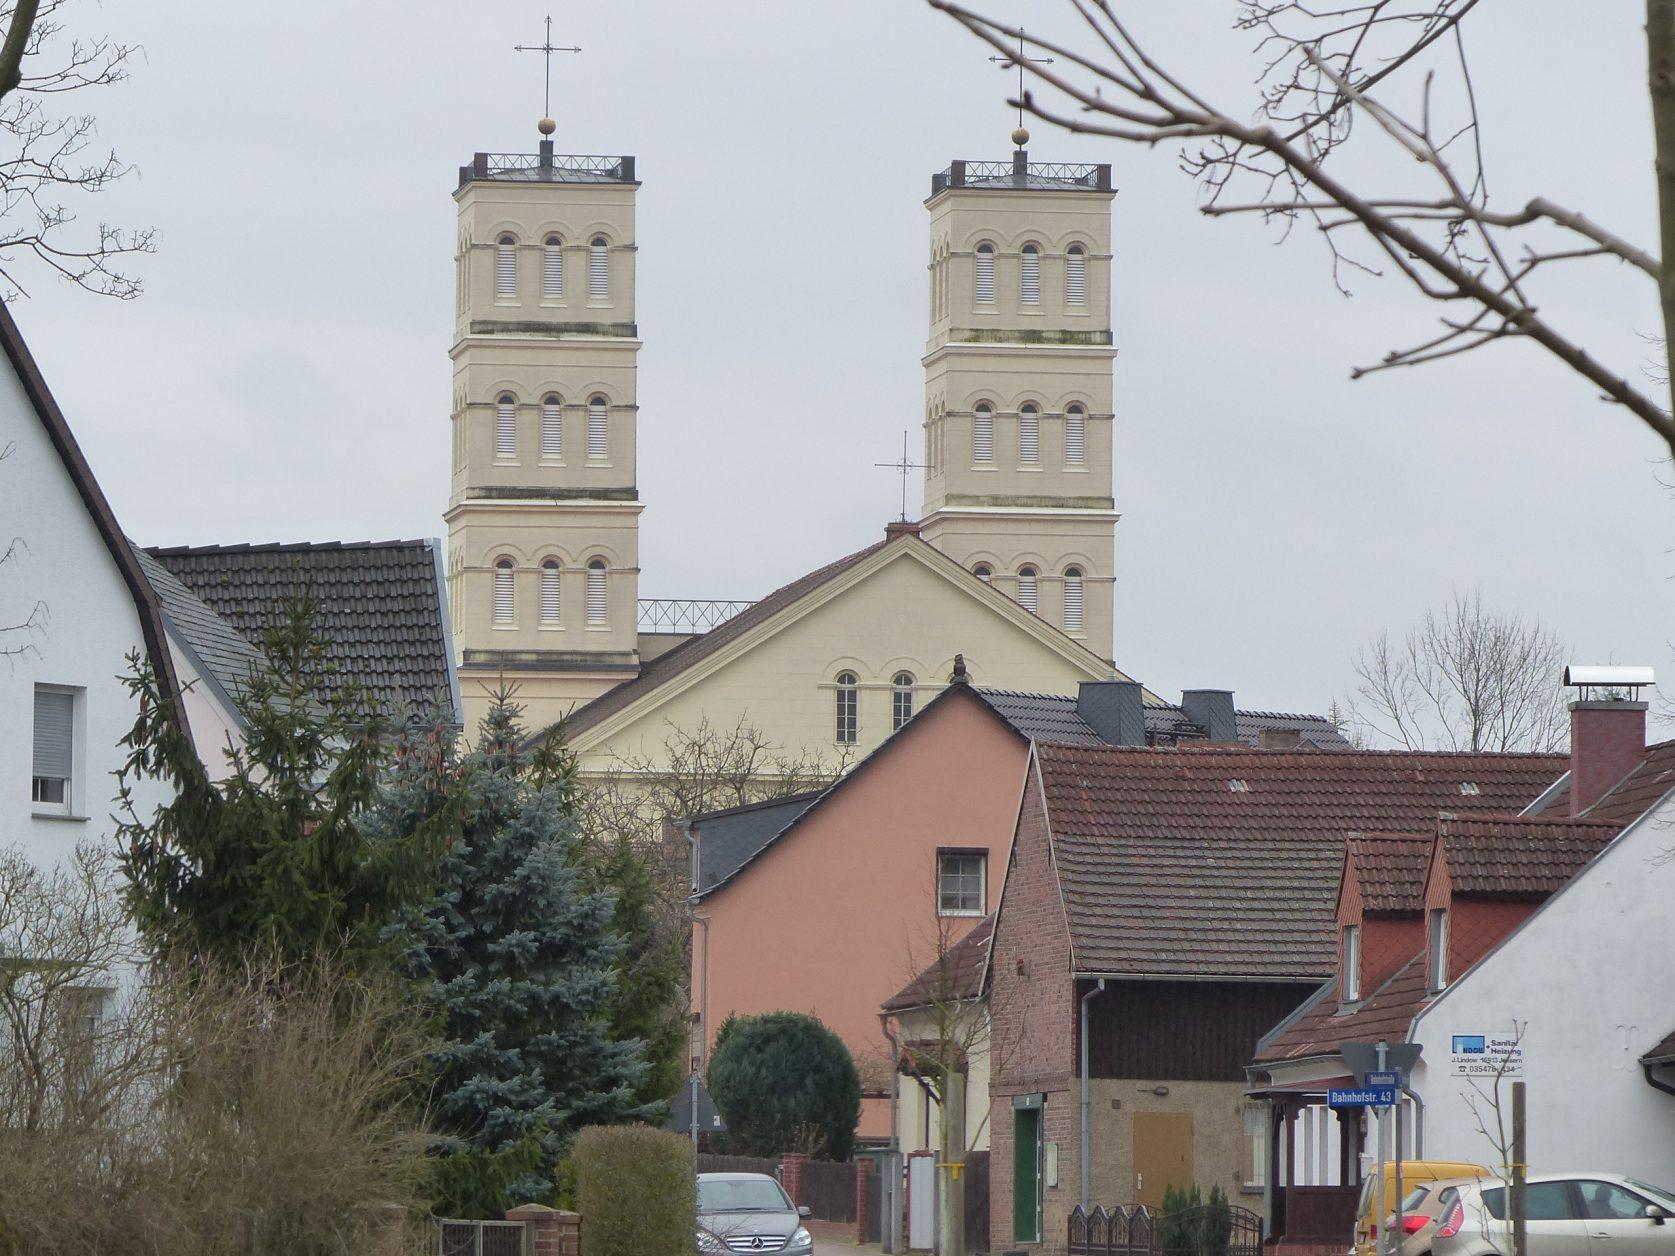 Schinkelkirche in Straupitz, Foto: D.Weirauch